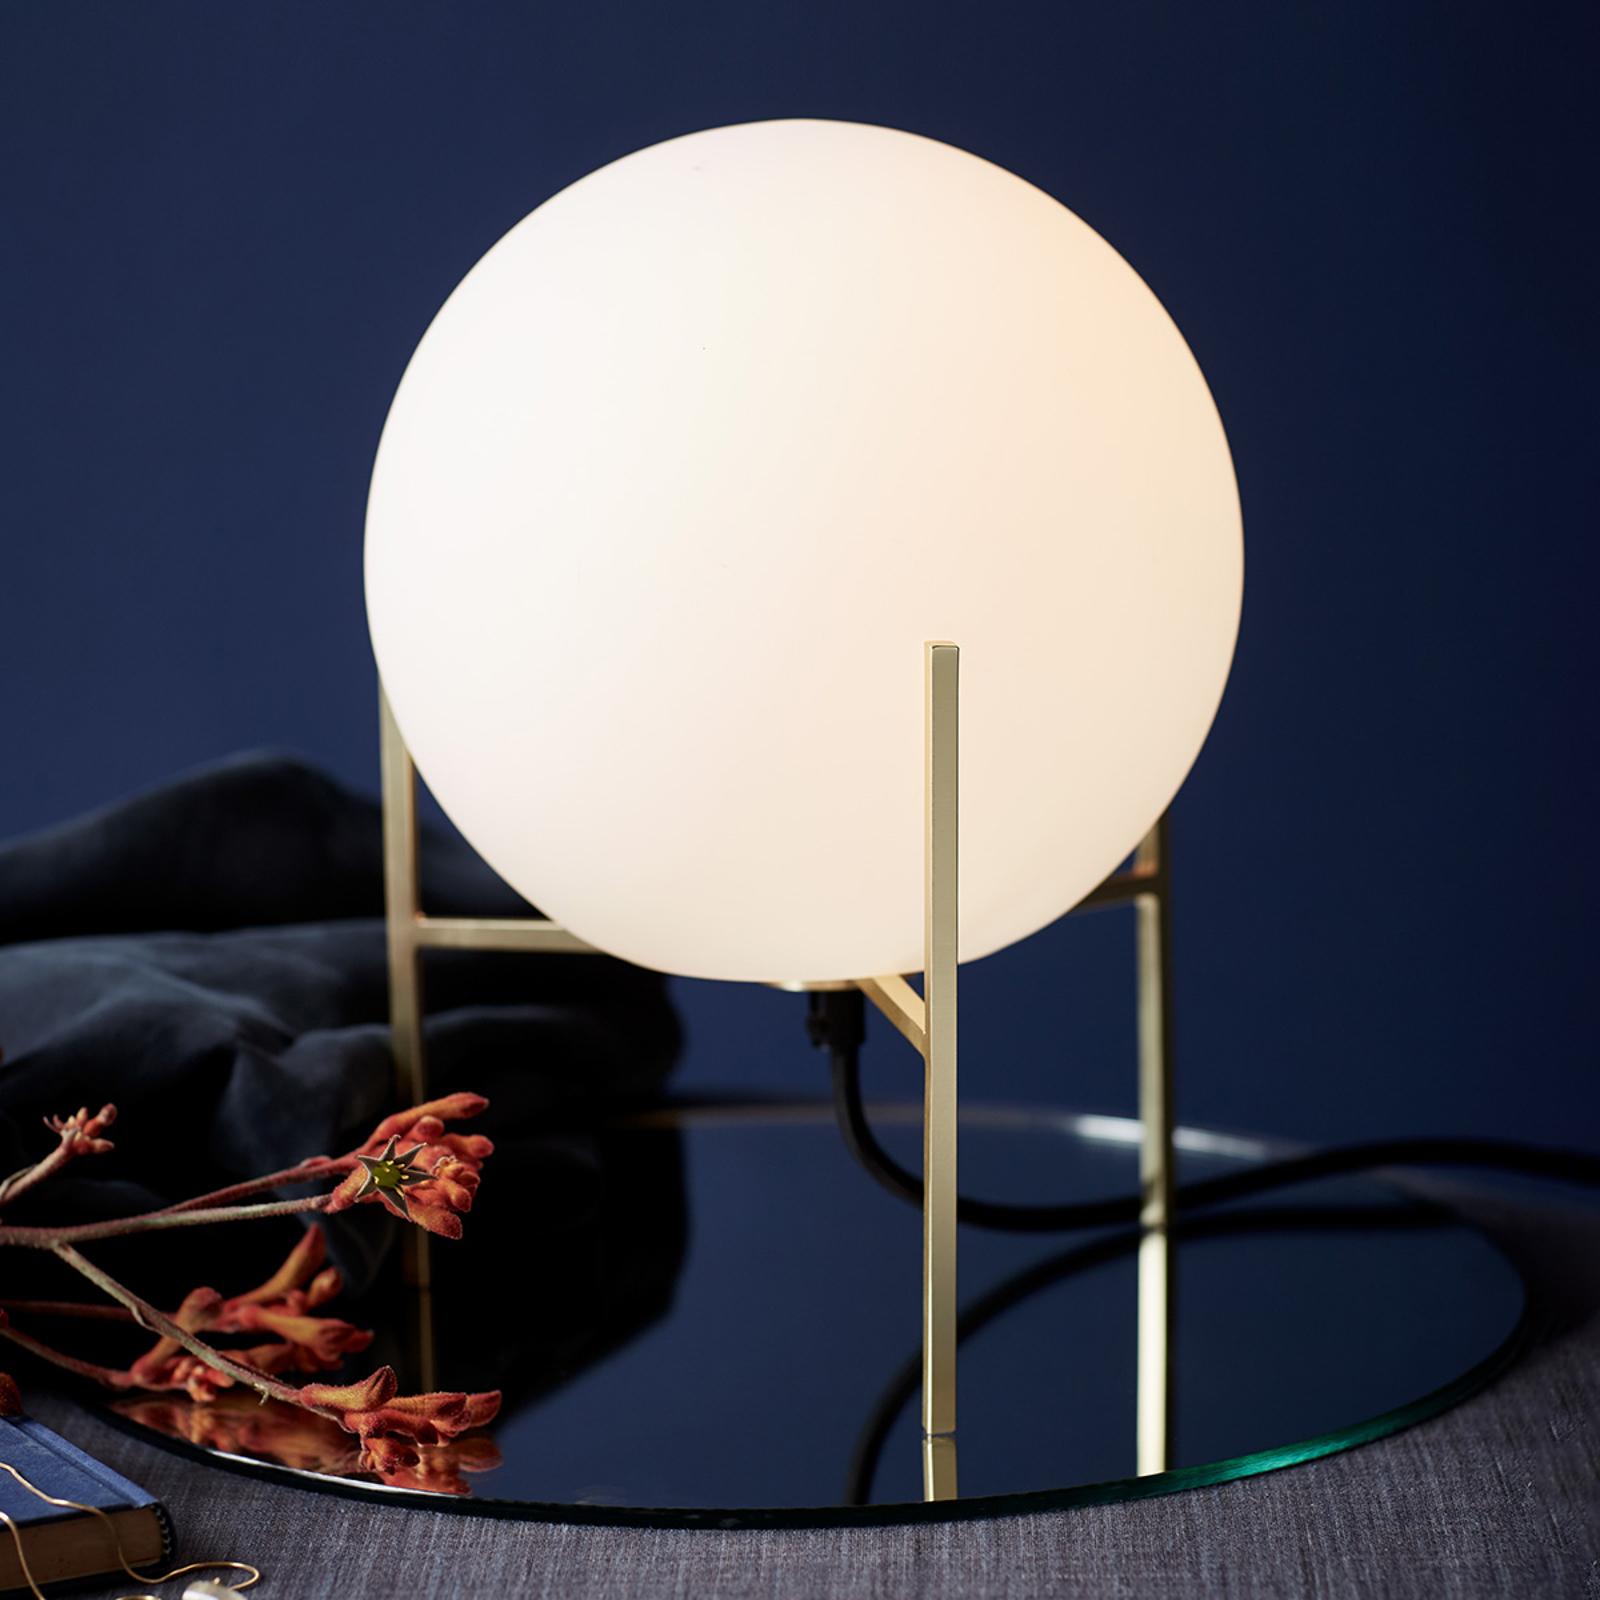 Lampa stołowa Alton z białym szklanym kloszem